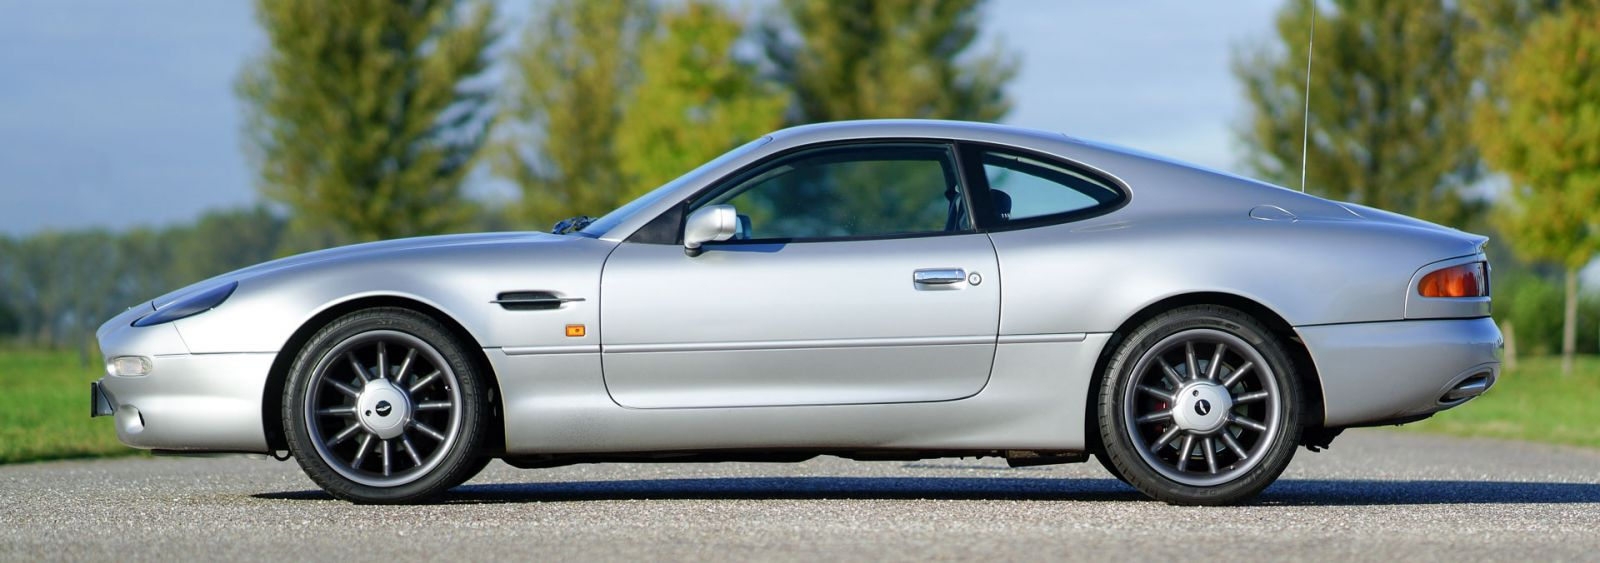 Aston Martin Db 7 Dunhill 1998 Classicargarage De